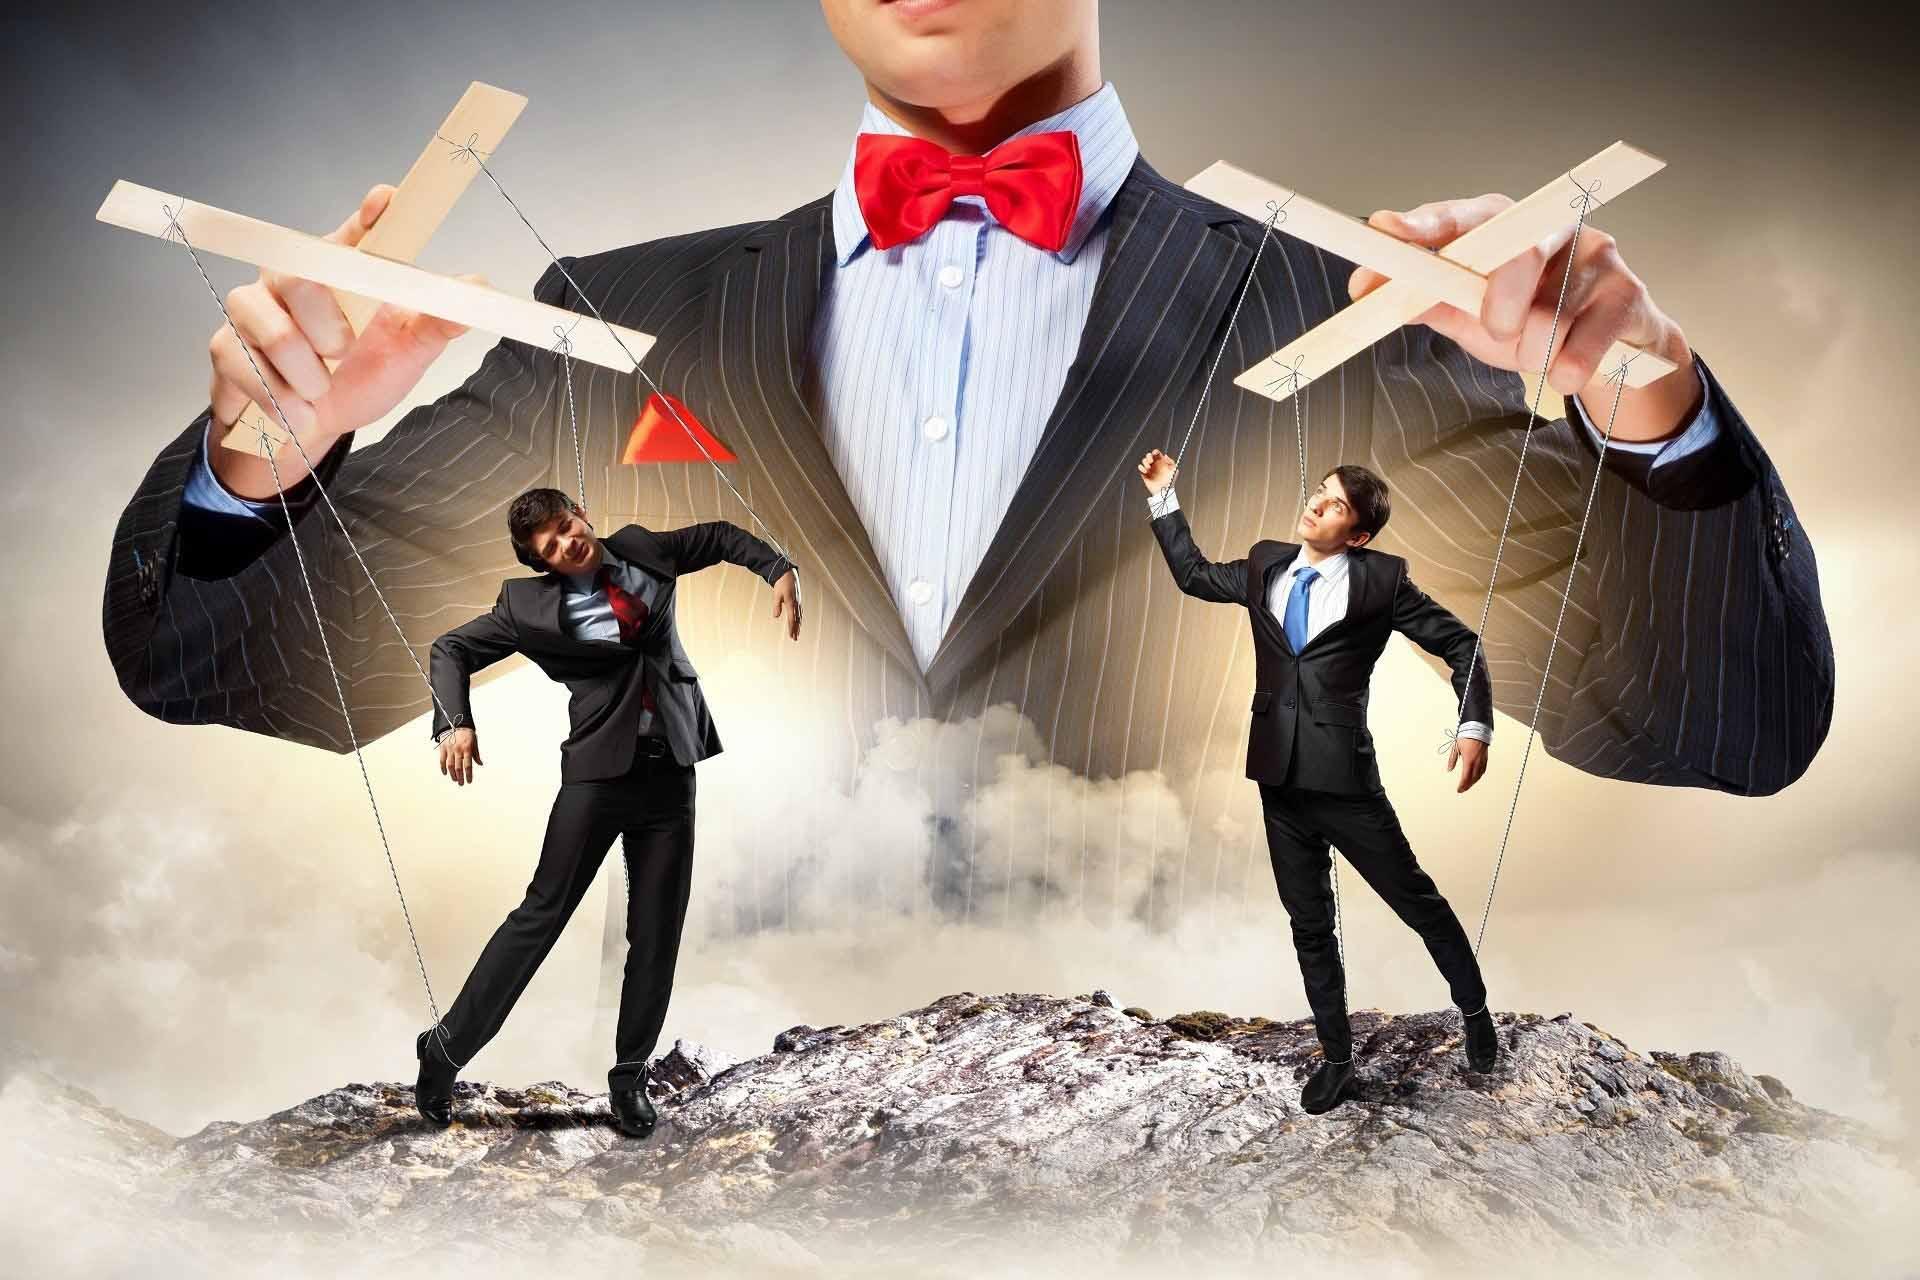 Вебинар: Противодействие манипуляциям со стороны статусного клиента